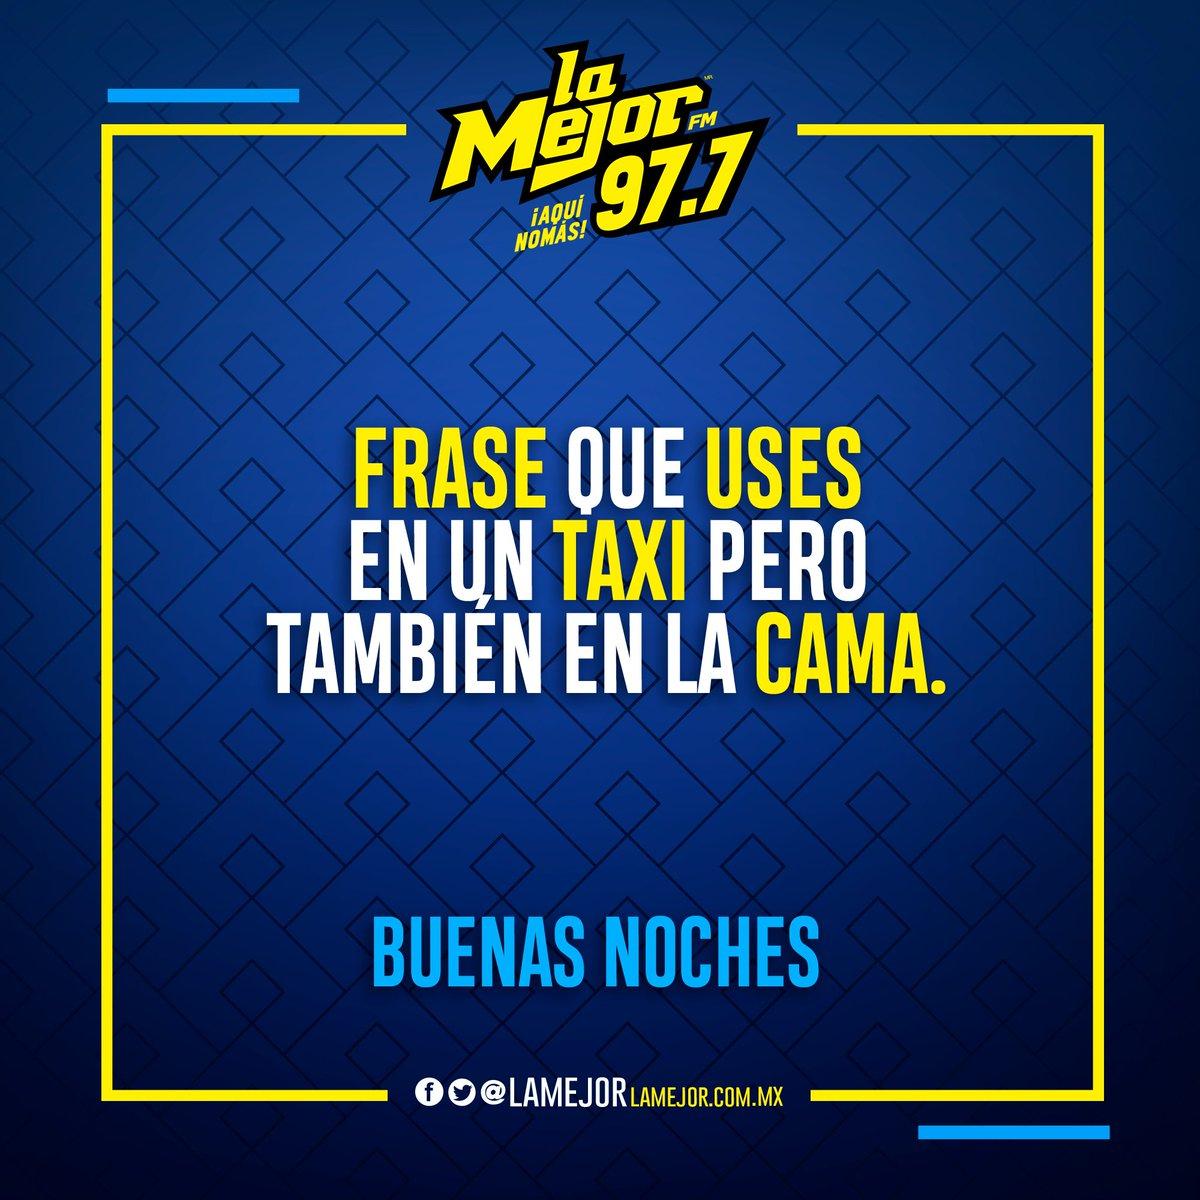 """#Frase """"Hasta el fondo por favor"""" Síganle 😅  Buenas noches #AquíNomás La Mejor FM 97.7 📻 https://t.co/lvORGyQfS3"""